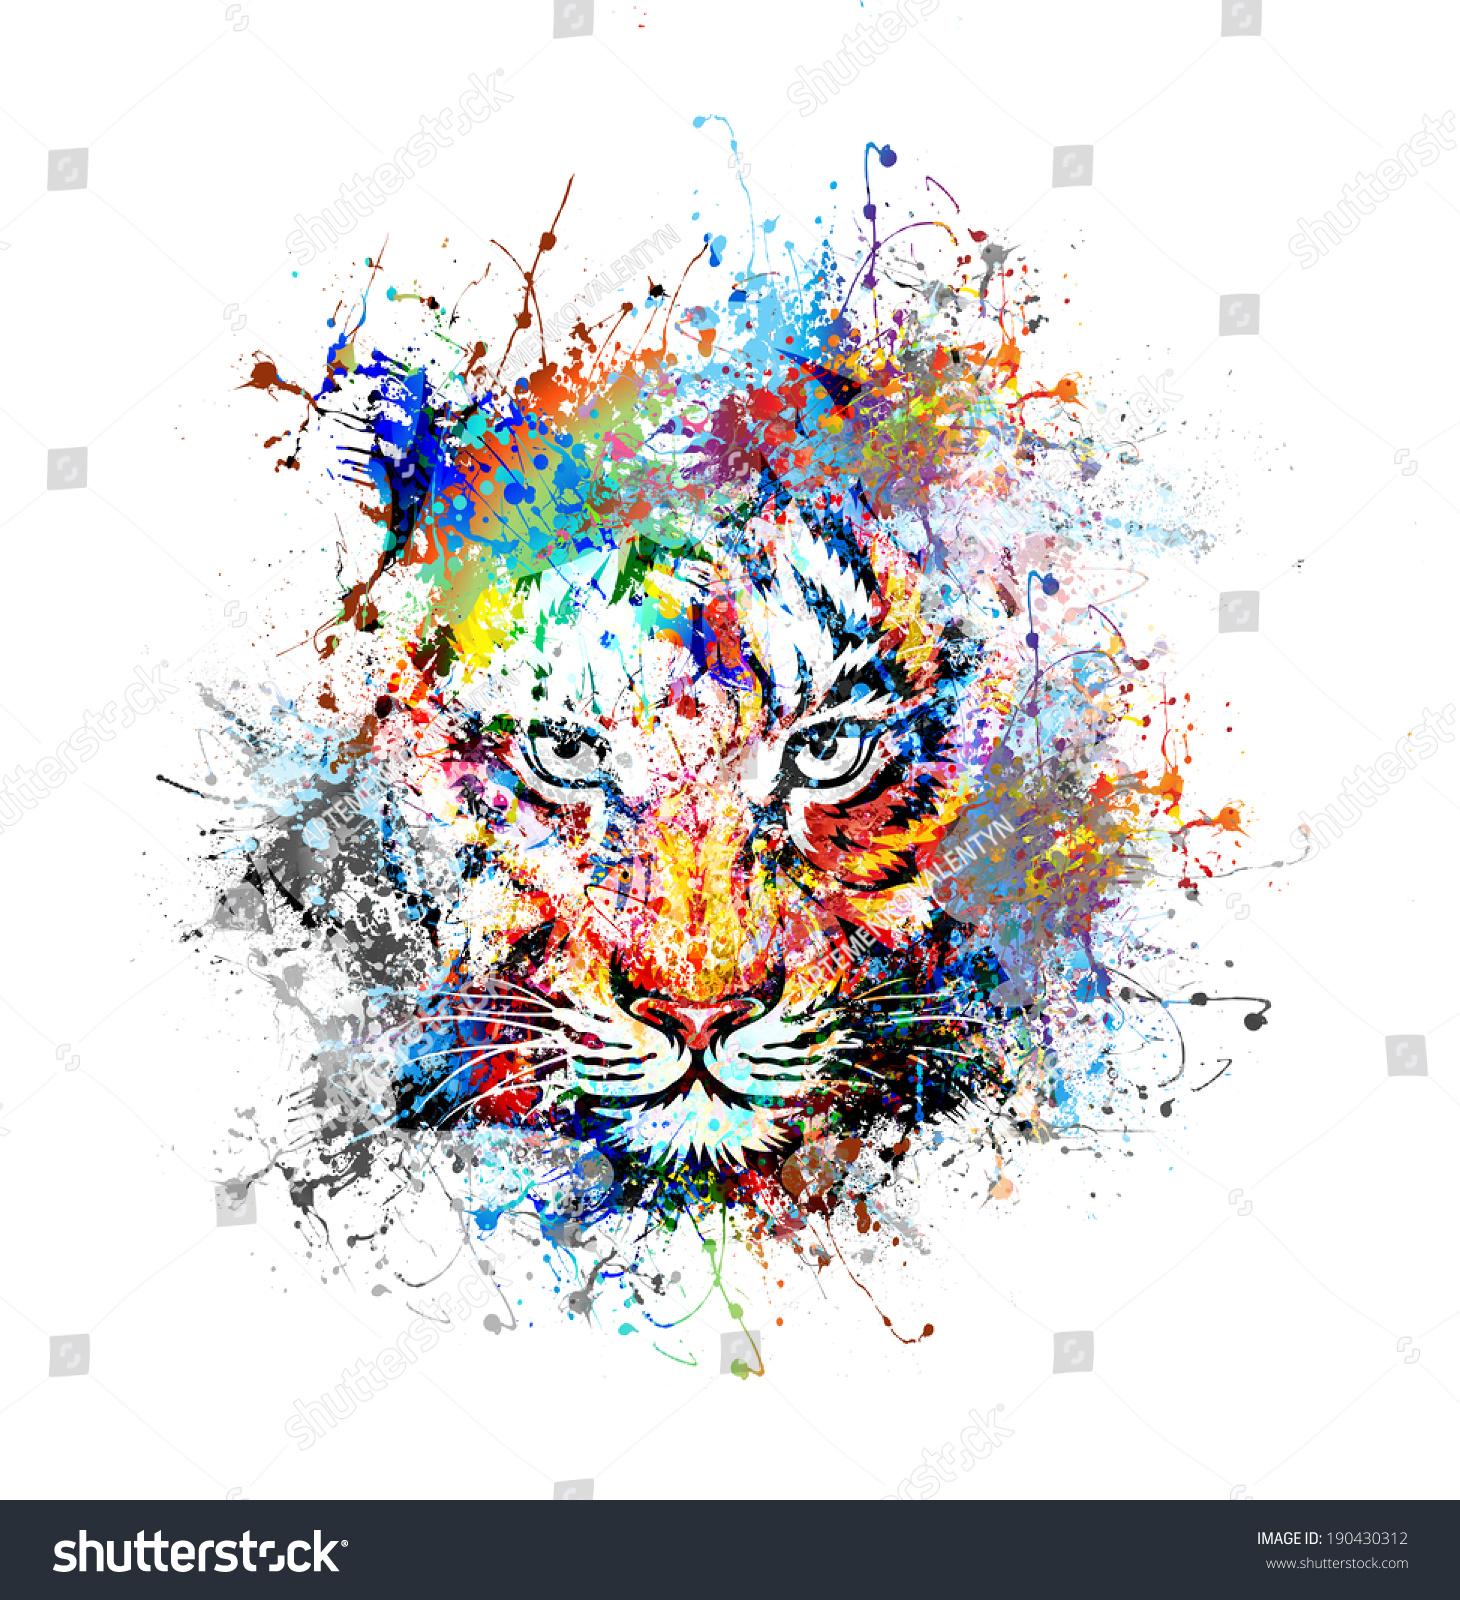 老虎-动物/野生生物,抽象-海洛创意(hellorf)-中国